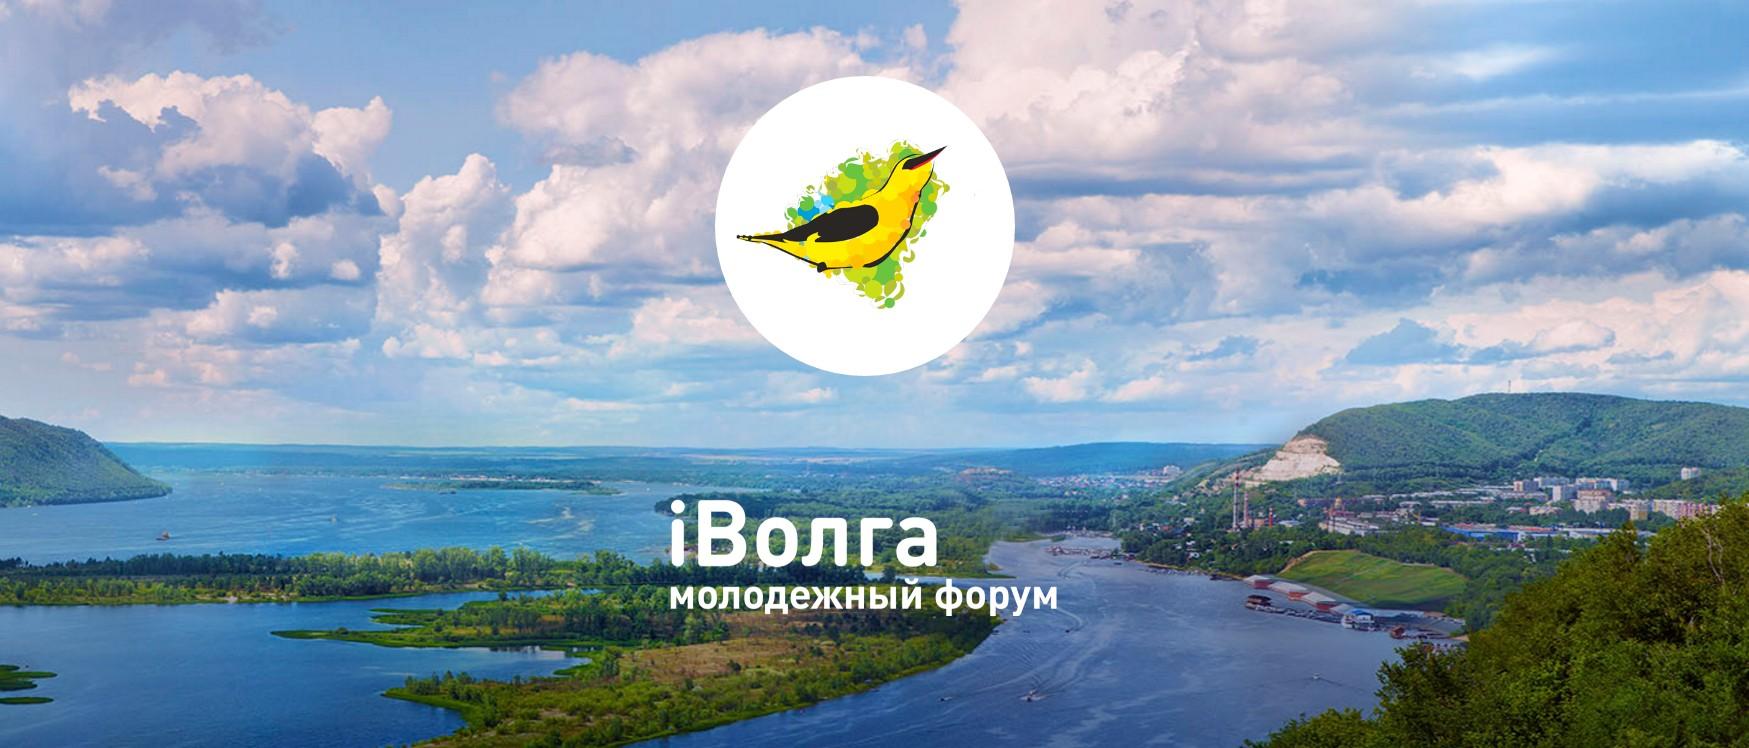 Ivolga 2019